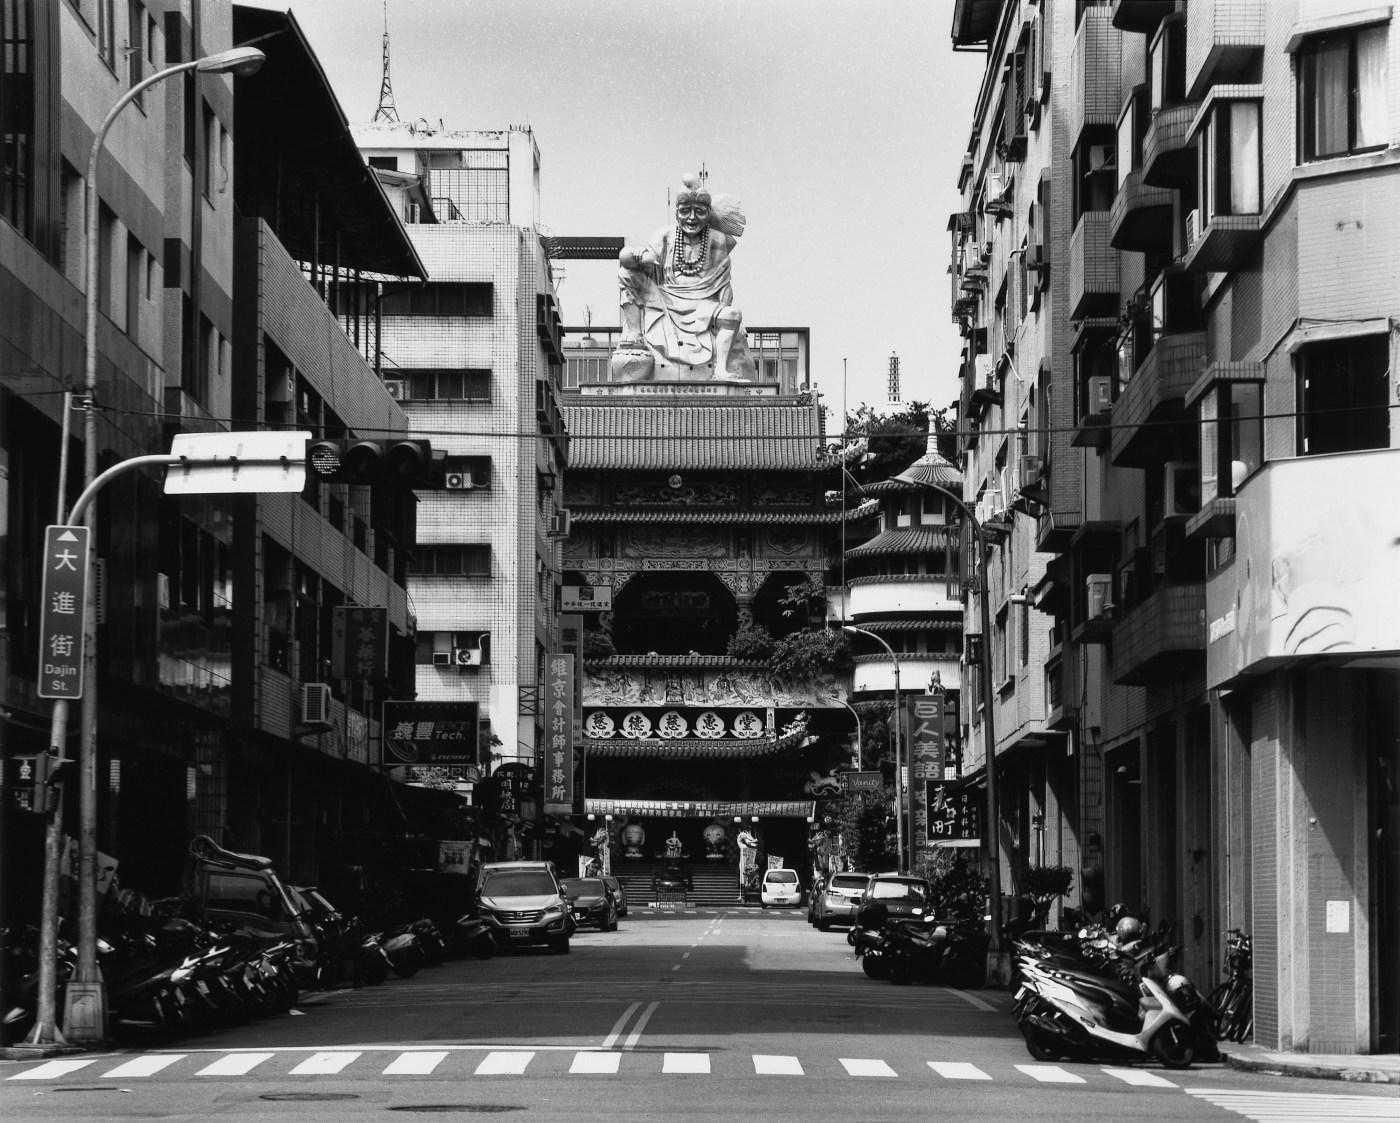 台中市西屯區慈德慈惠堂 -0250 Cide Cihuei Court, Xitun Dist., Taichung City